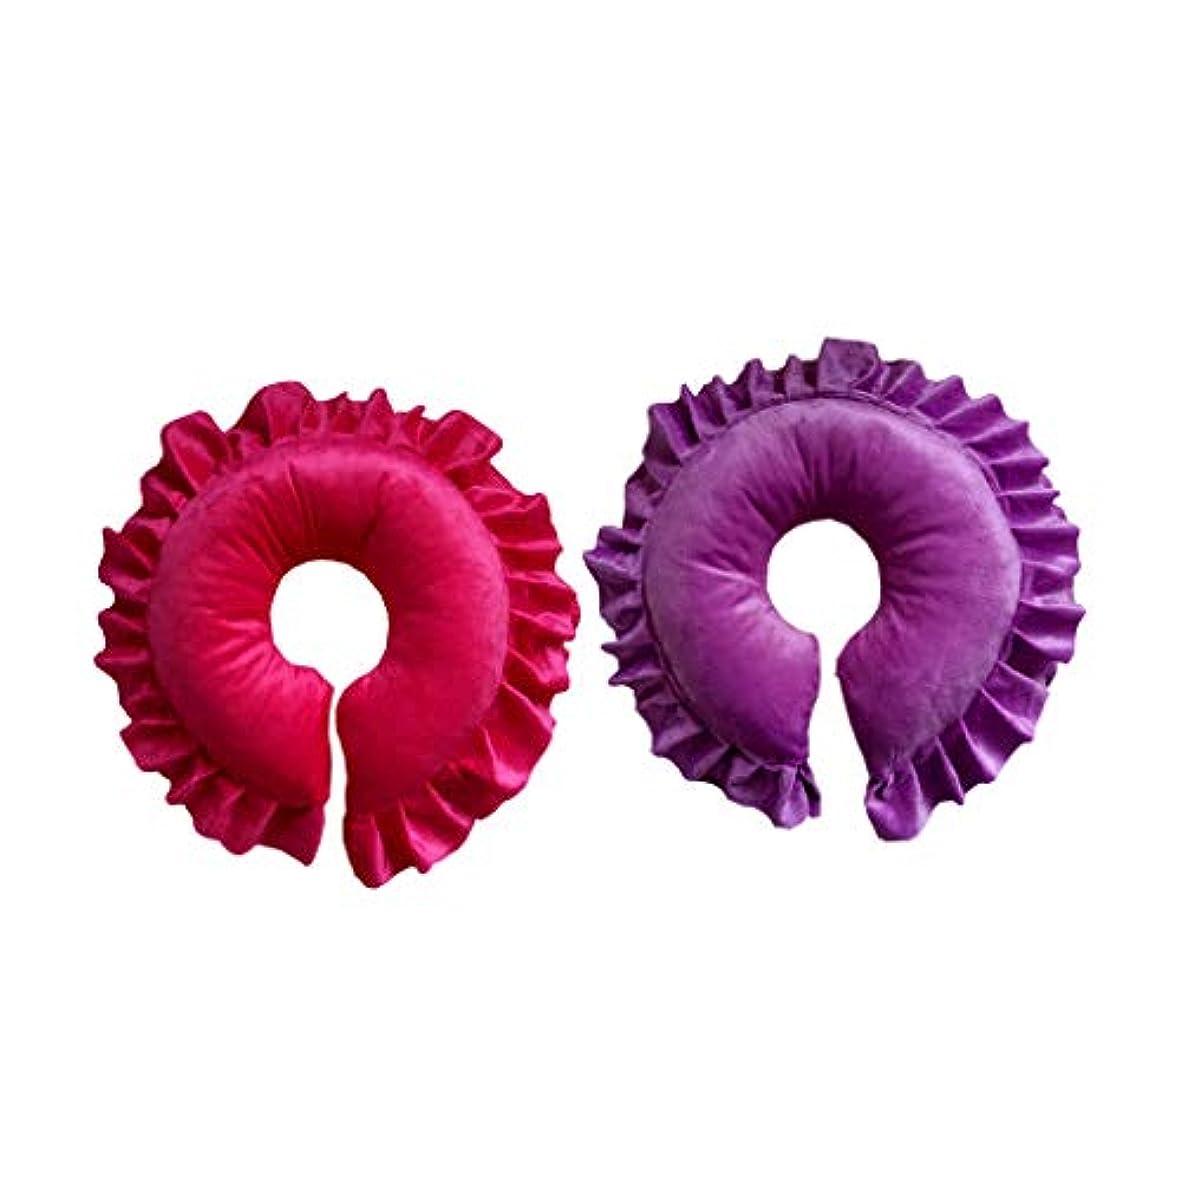 ちっちゃい接続されたダイエットsharprepublic マッサージ枕 フェイスピロー マッサージクッション サロン スパ 快適 実用的 紫&赤 2個入り